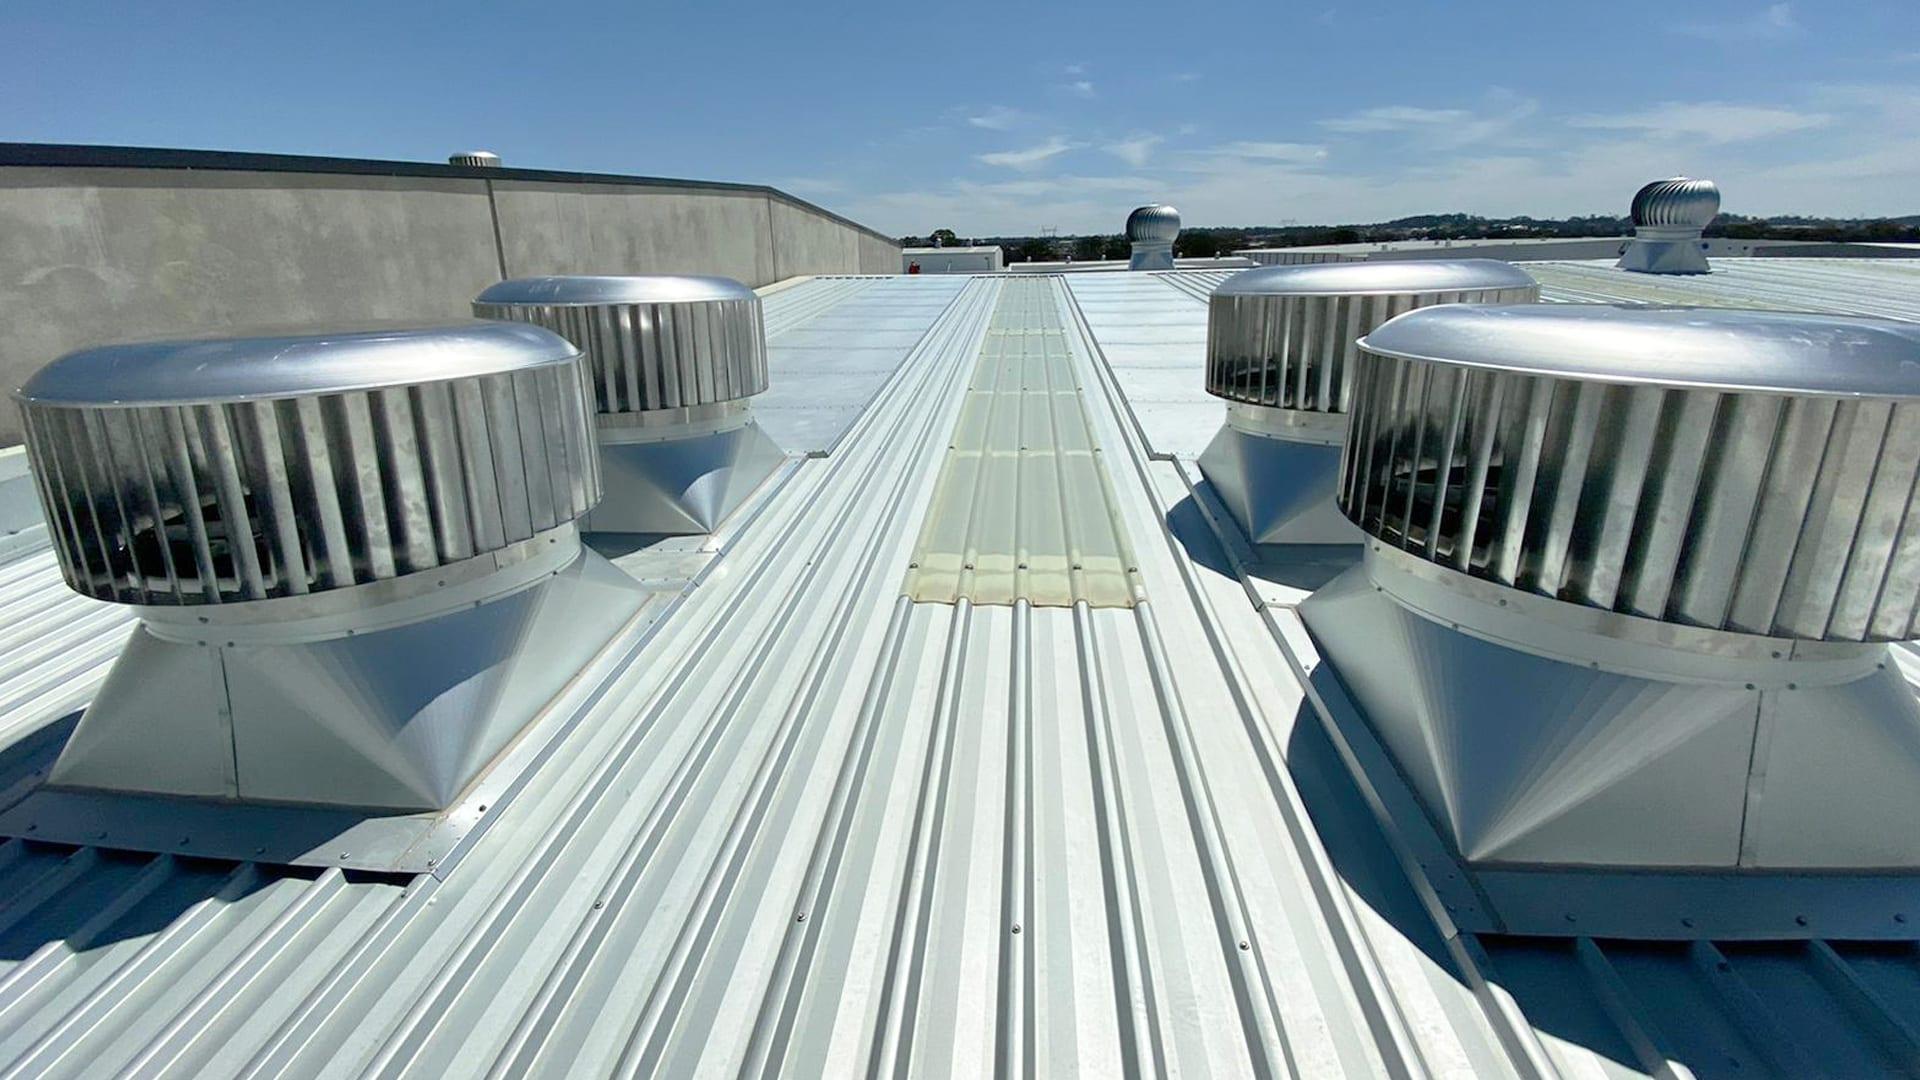 Commercial Roof Ventilators Australia